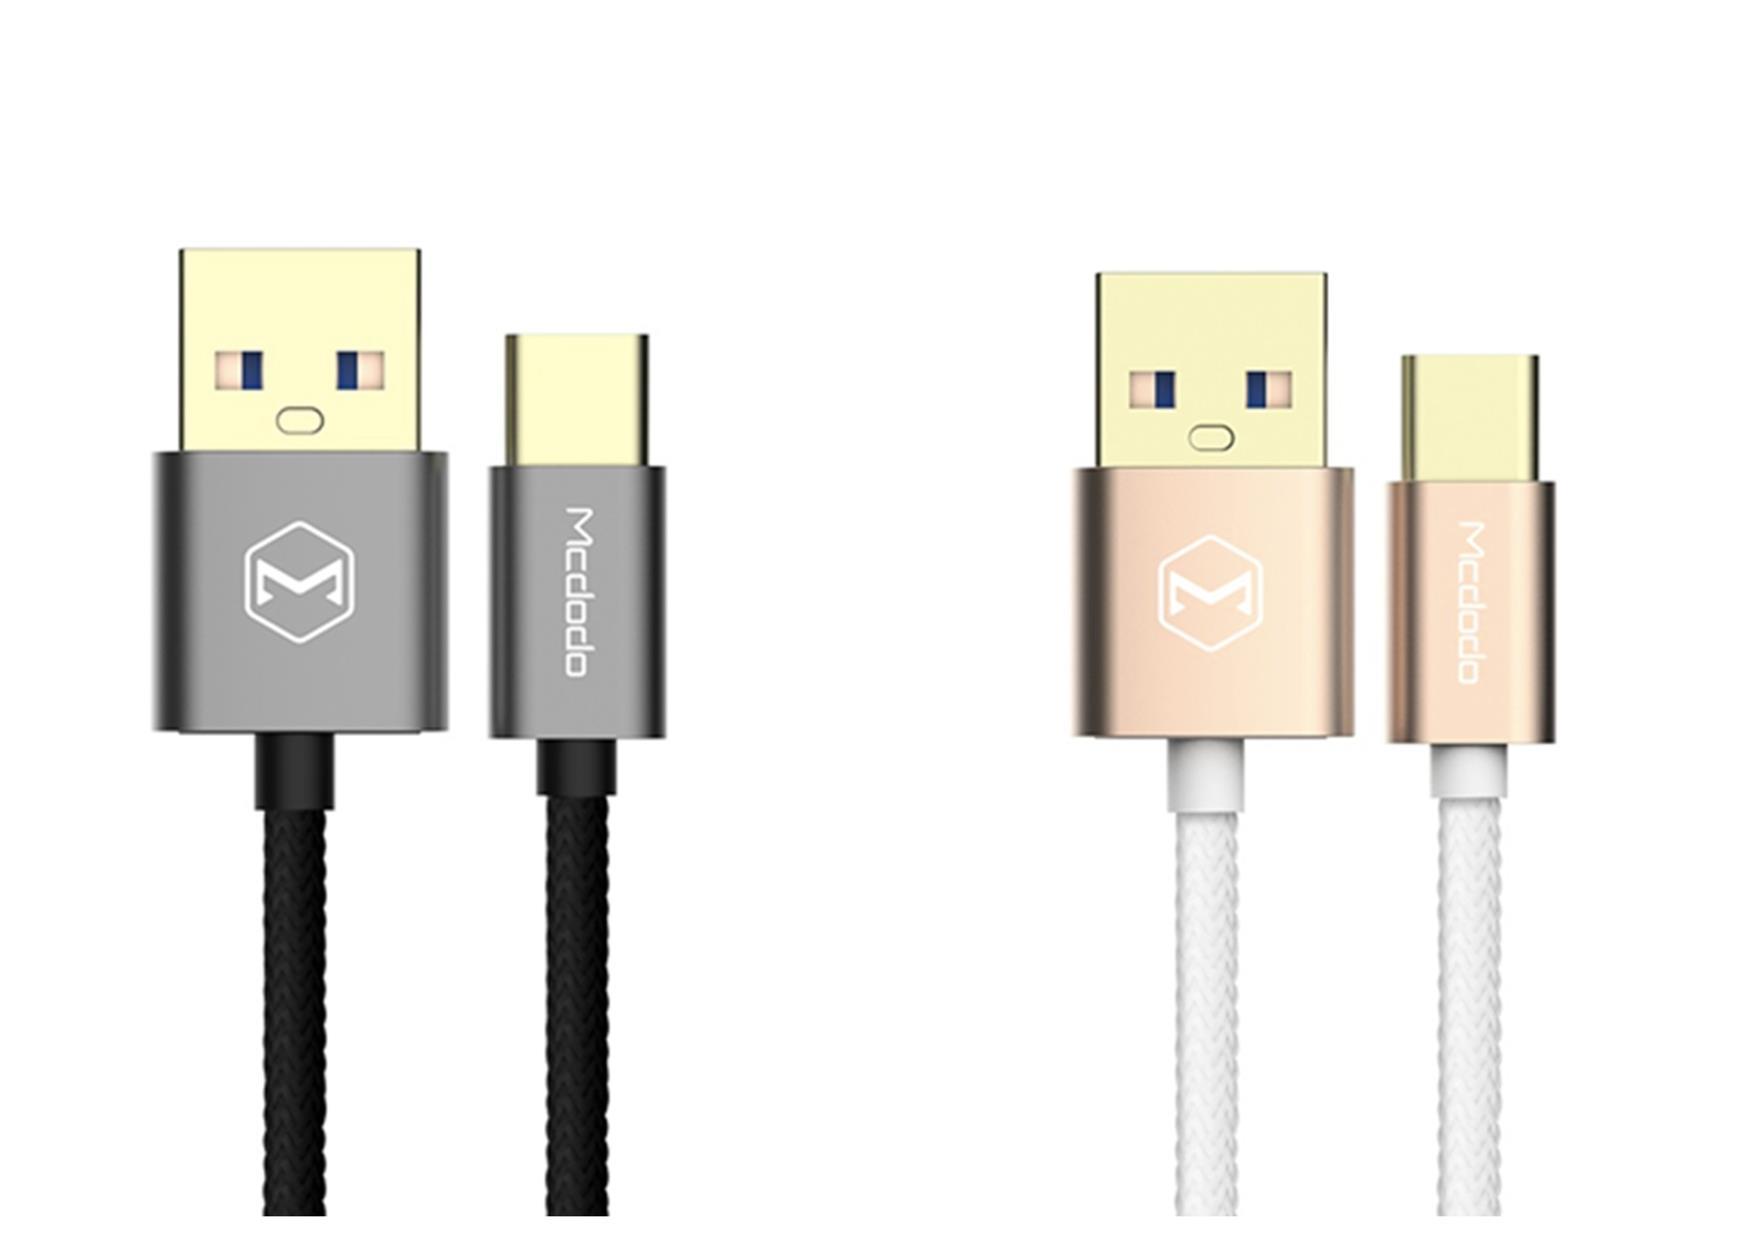 Original Mcdodo CA-230 Type-C to USB3.0 Data Cable